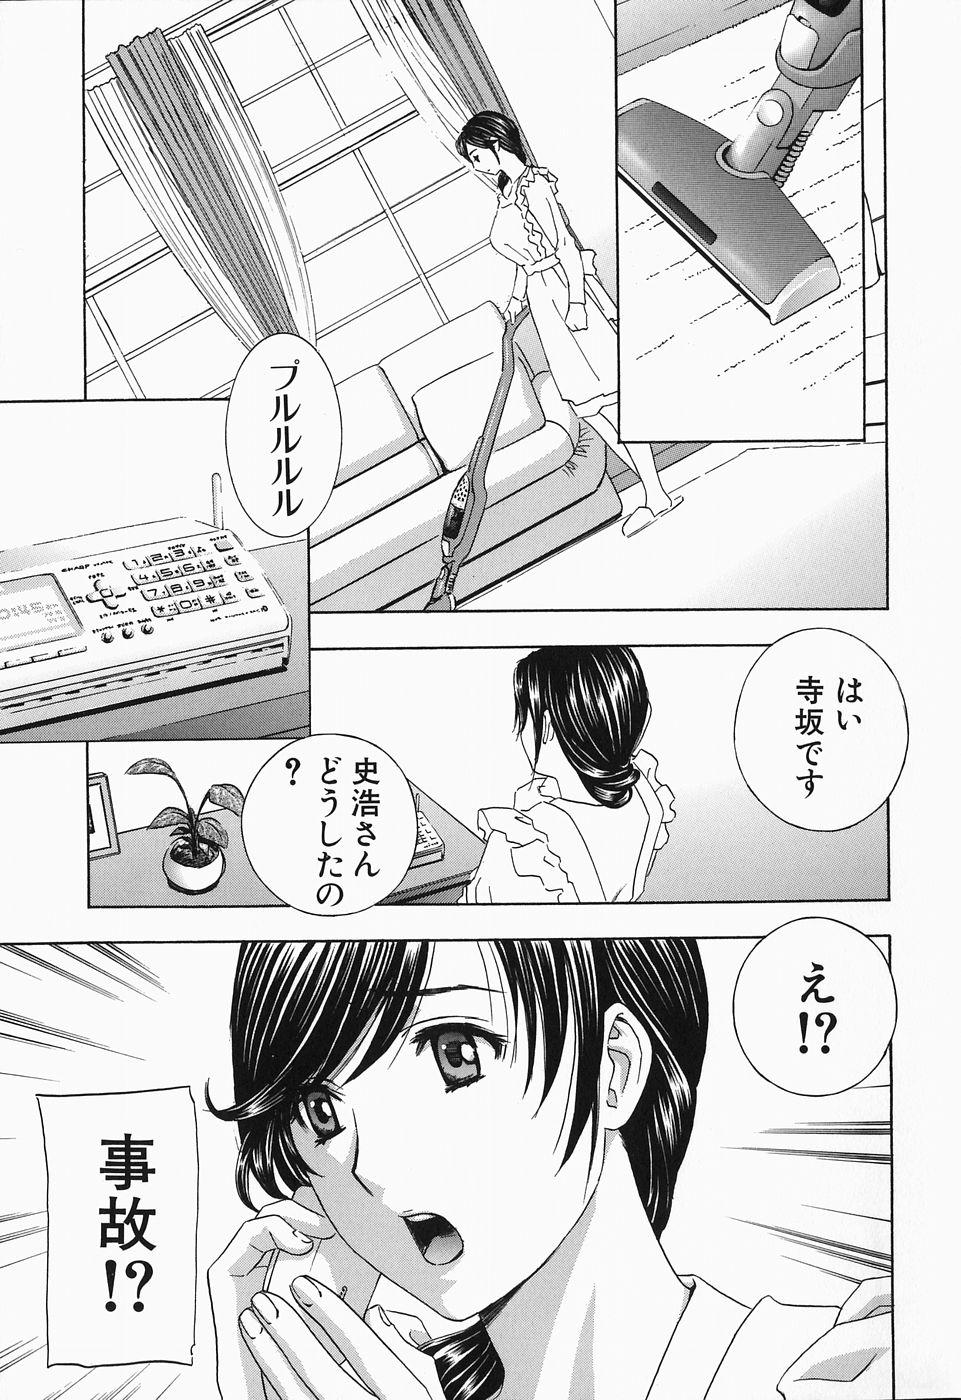 ヌケマン 漫画 無料 エロ